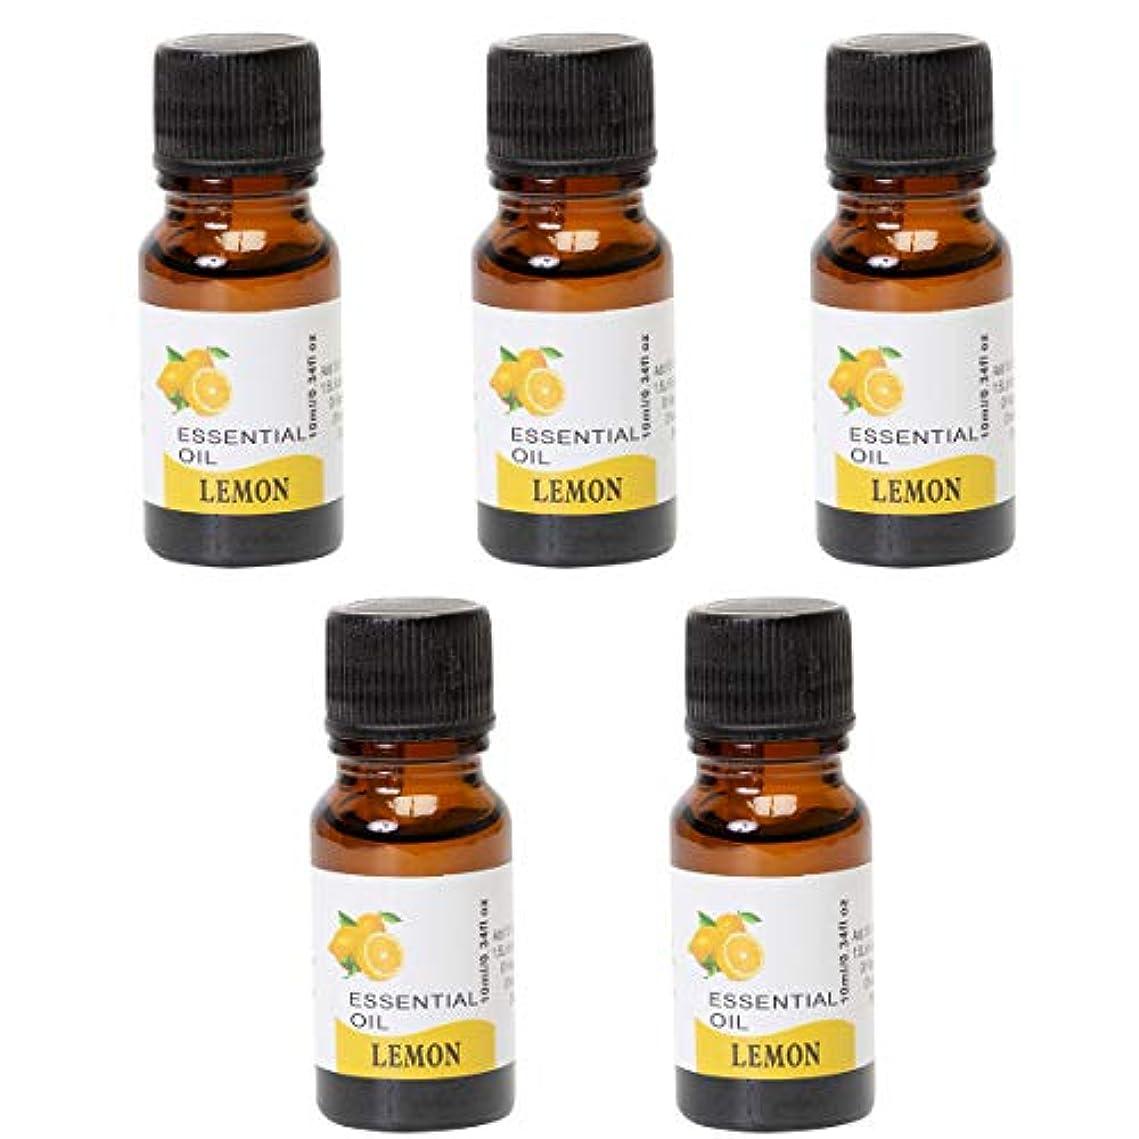 運命的な黄ばむひそかに【天然100%オイルの心地よい香りでリラックス エッセンシャルオイル 5本セット】 天然100%の自然の力でリフレッシュ アロマバスとしても使える 1本10ml×5本入り 芳香剤 アロマ (レモンの香り)